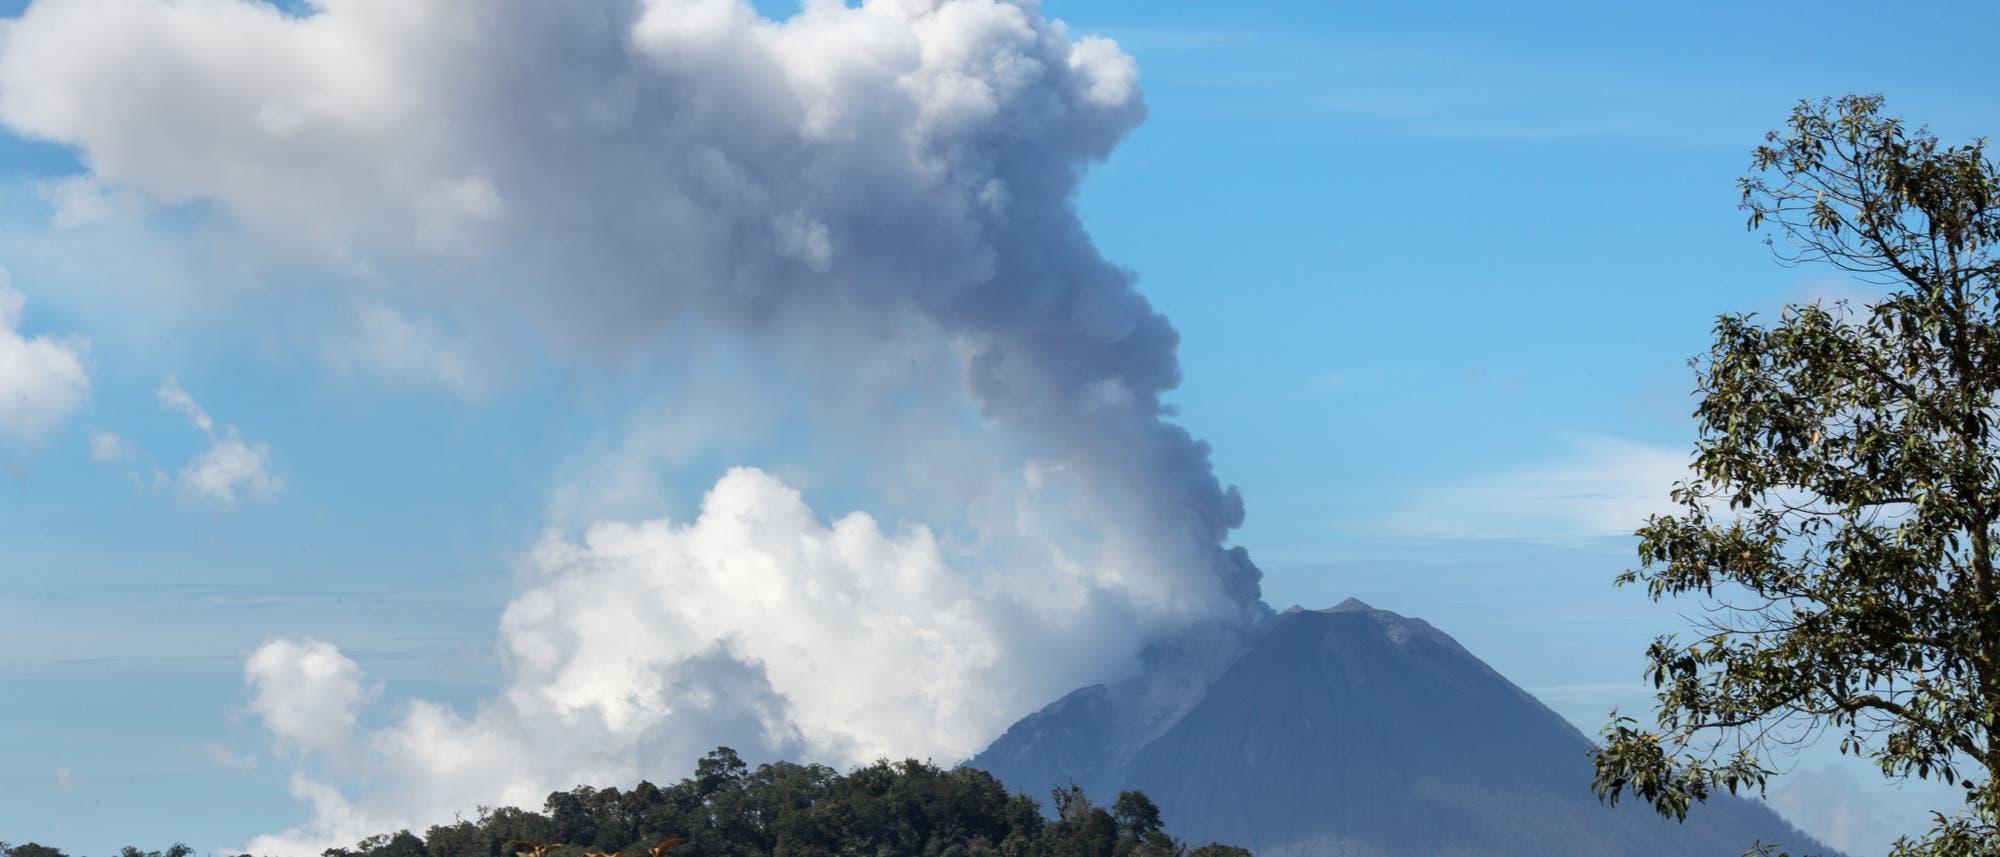 Blick auf den Vulkan Sinabung mit Aschewölkchen über dem Gipfel.